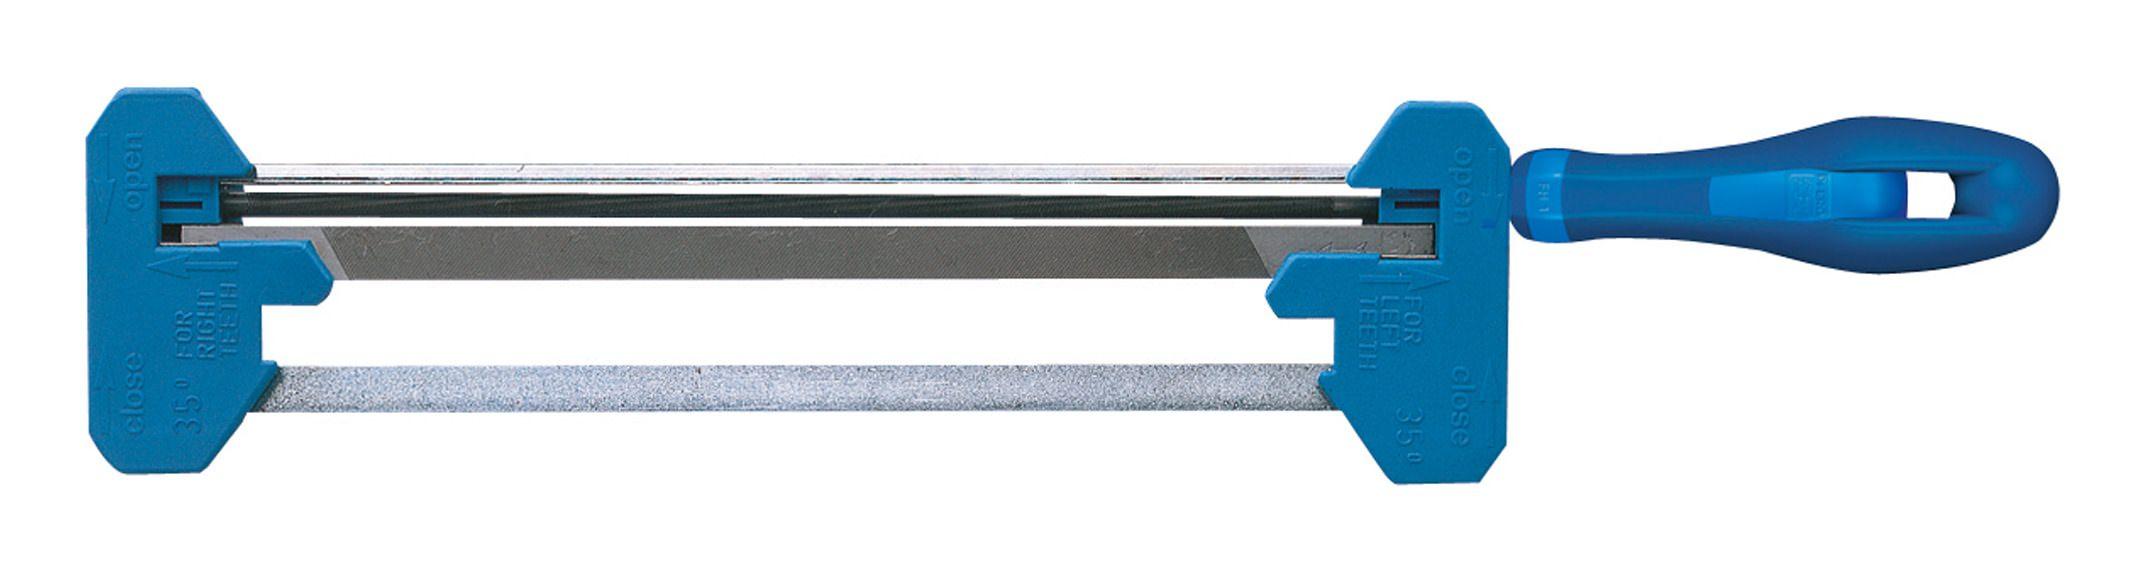 pferd kettensäge-schärfgerät 4 mm - kssg 91-4,0